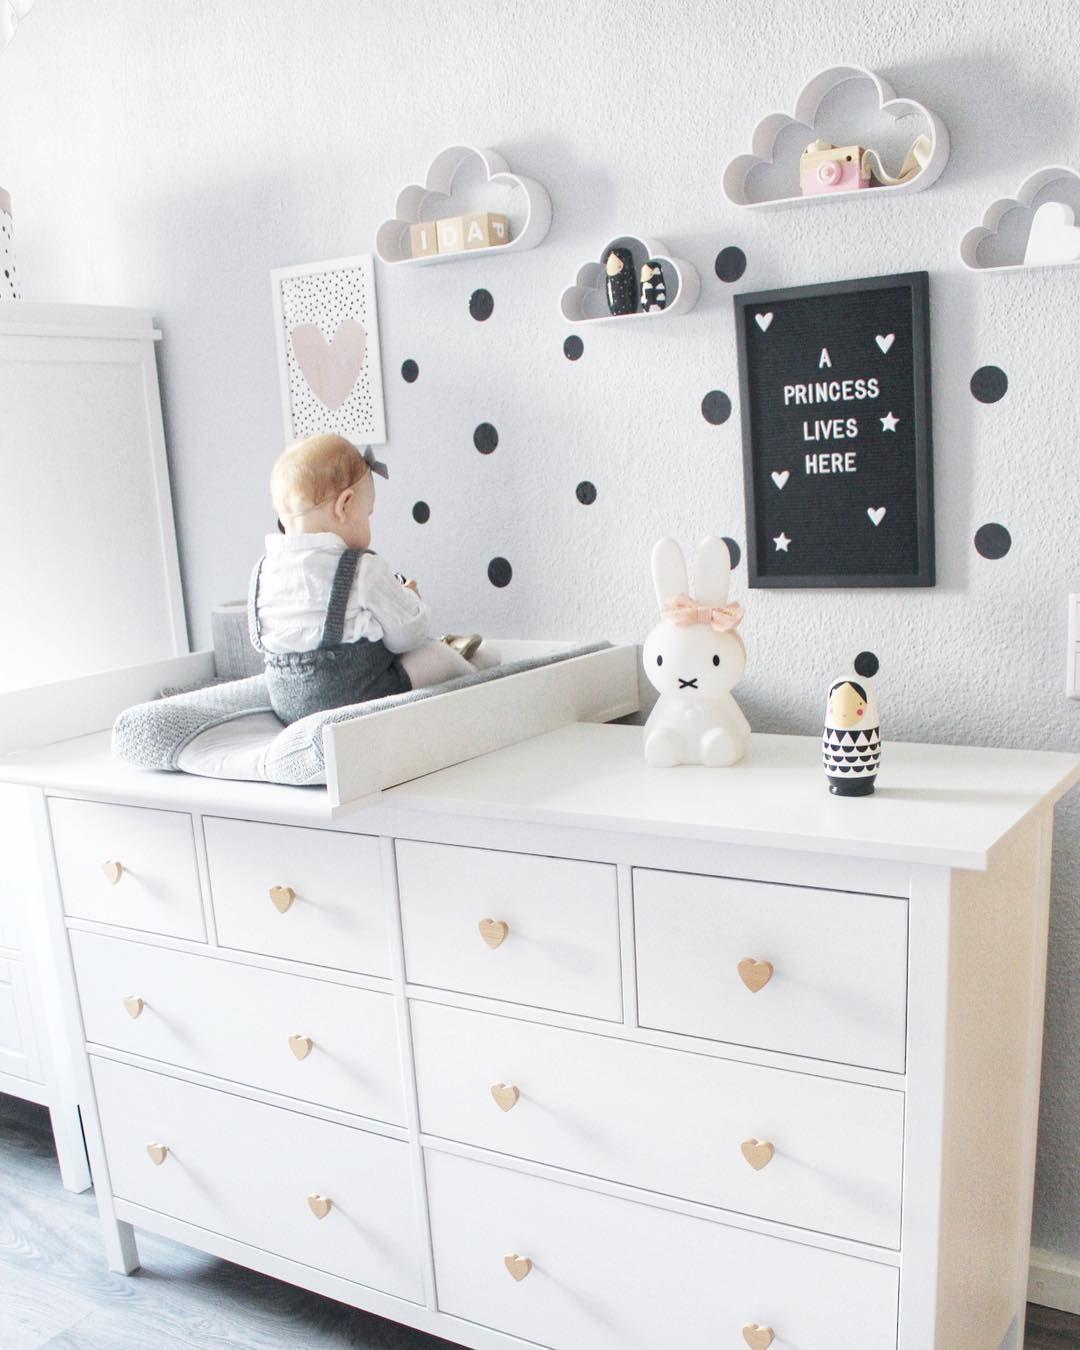 Full Size of Ein Traumhaft Schnes Kinderzimmer Mit Der Ikea Hemnes Kommode Als Regal Schlafzimmer Weiß Bad Hochglanz Badezimmer Wohnzimmer Sofa Kommoden Regale Kinderzimmer Kommode Kinderzimmer